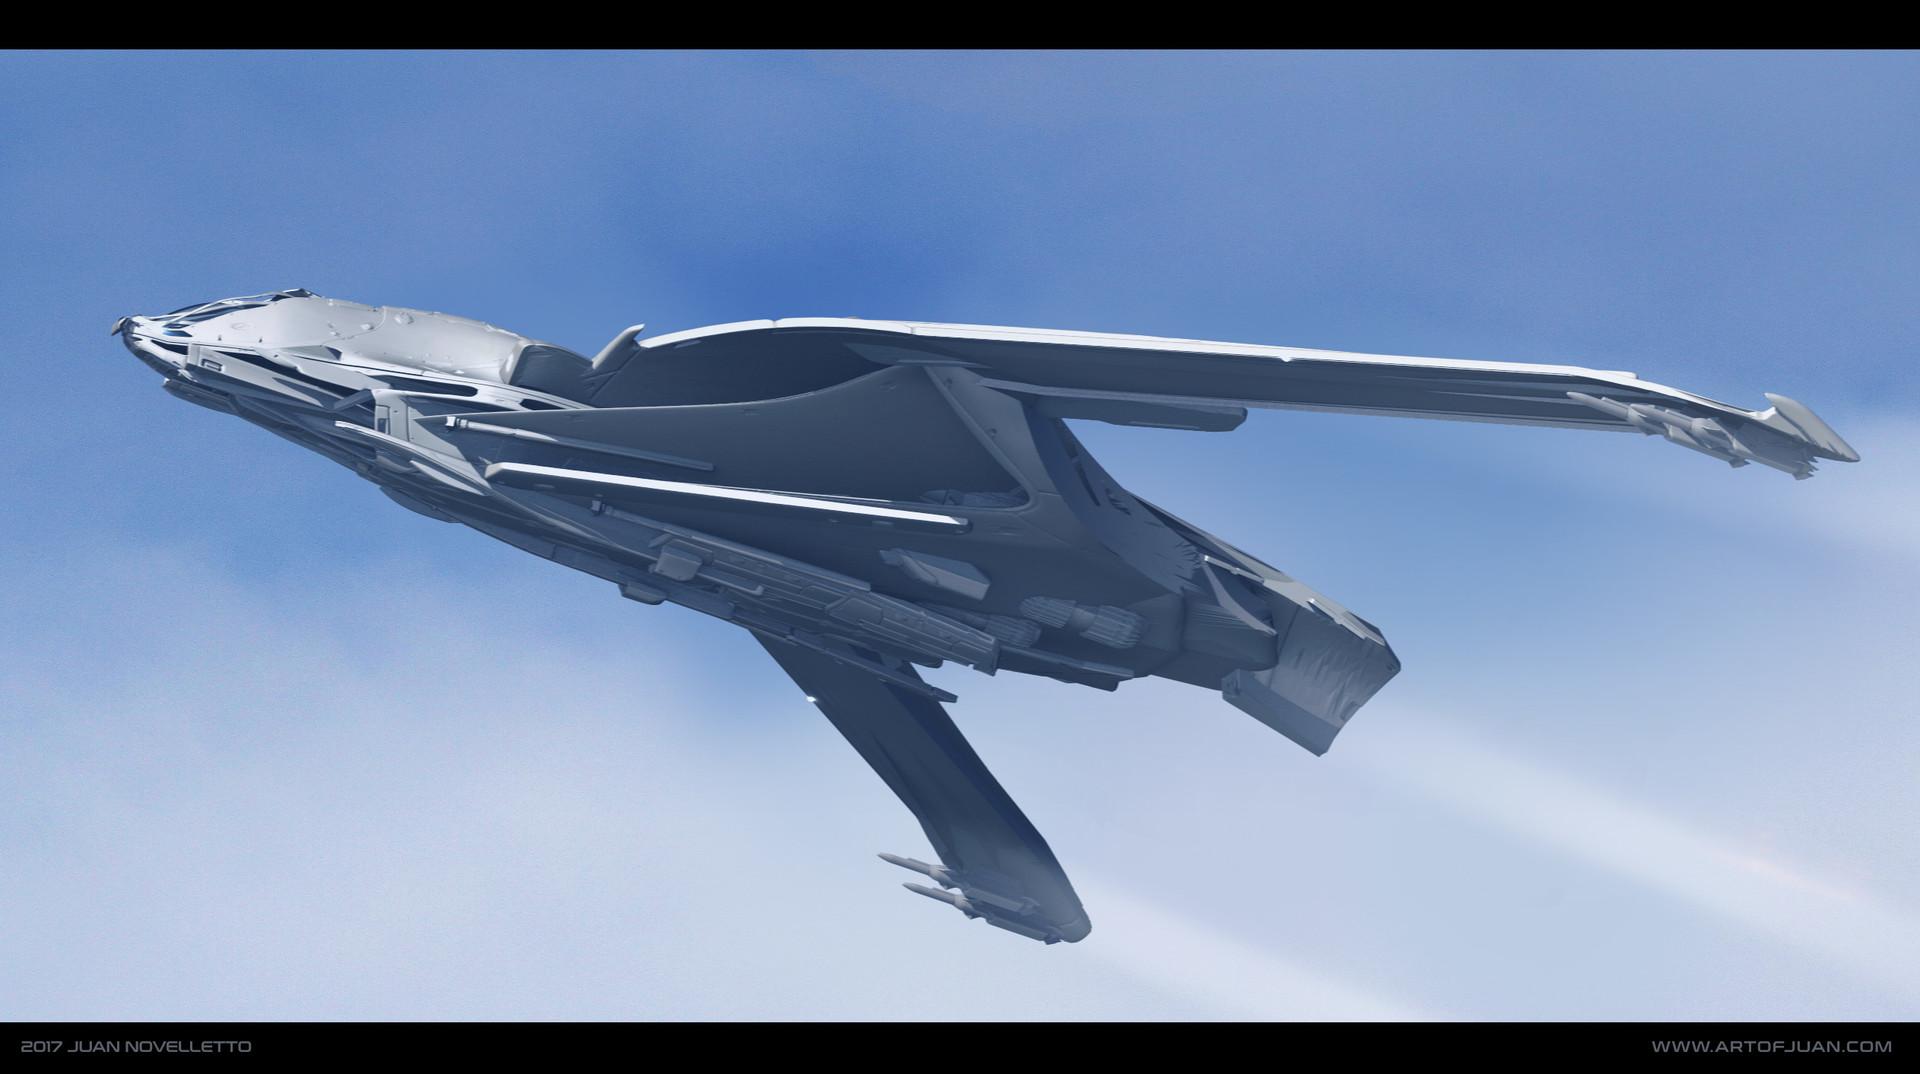 Juan novelletto avion kitbash04